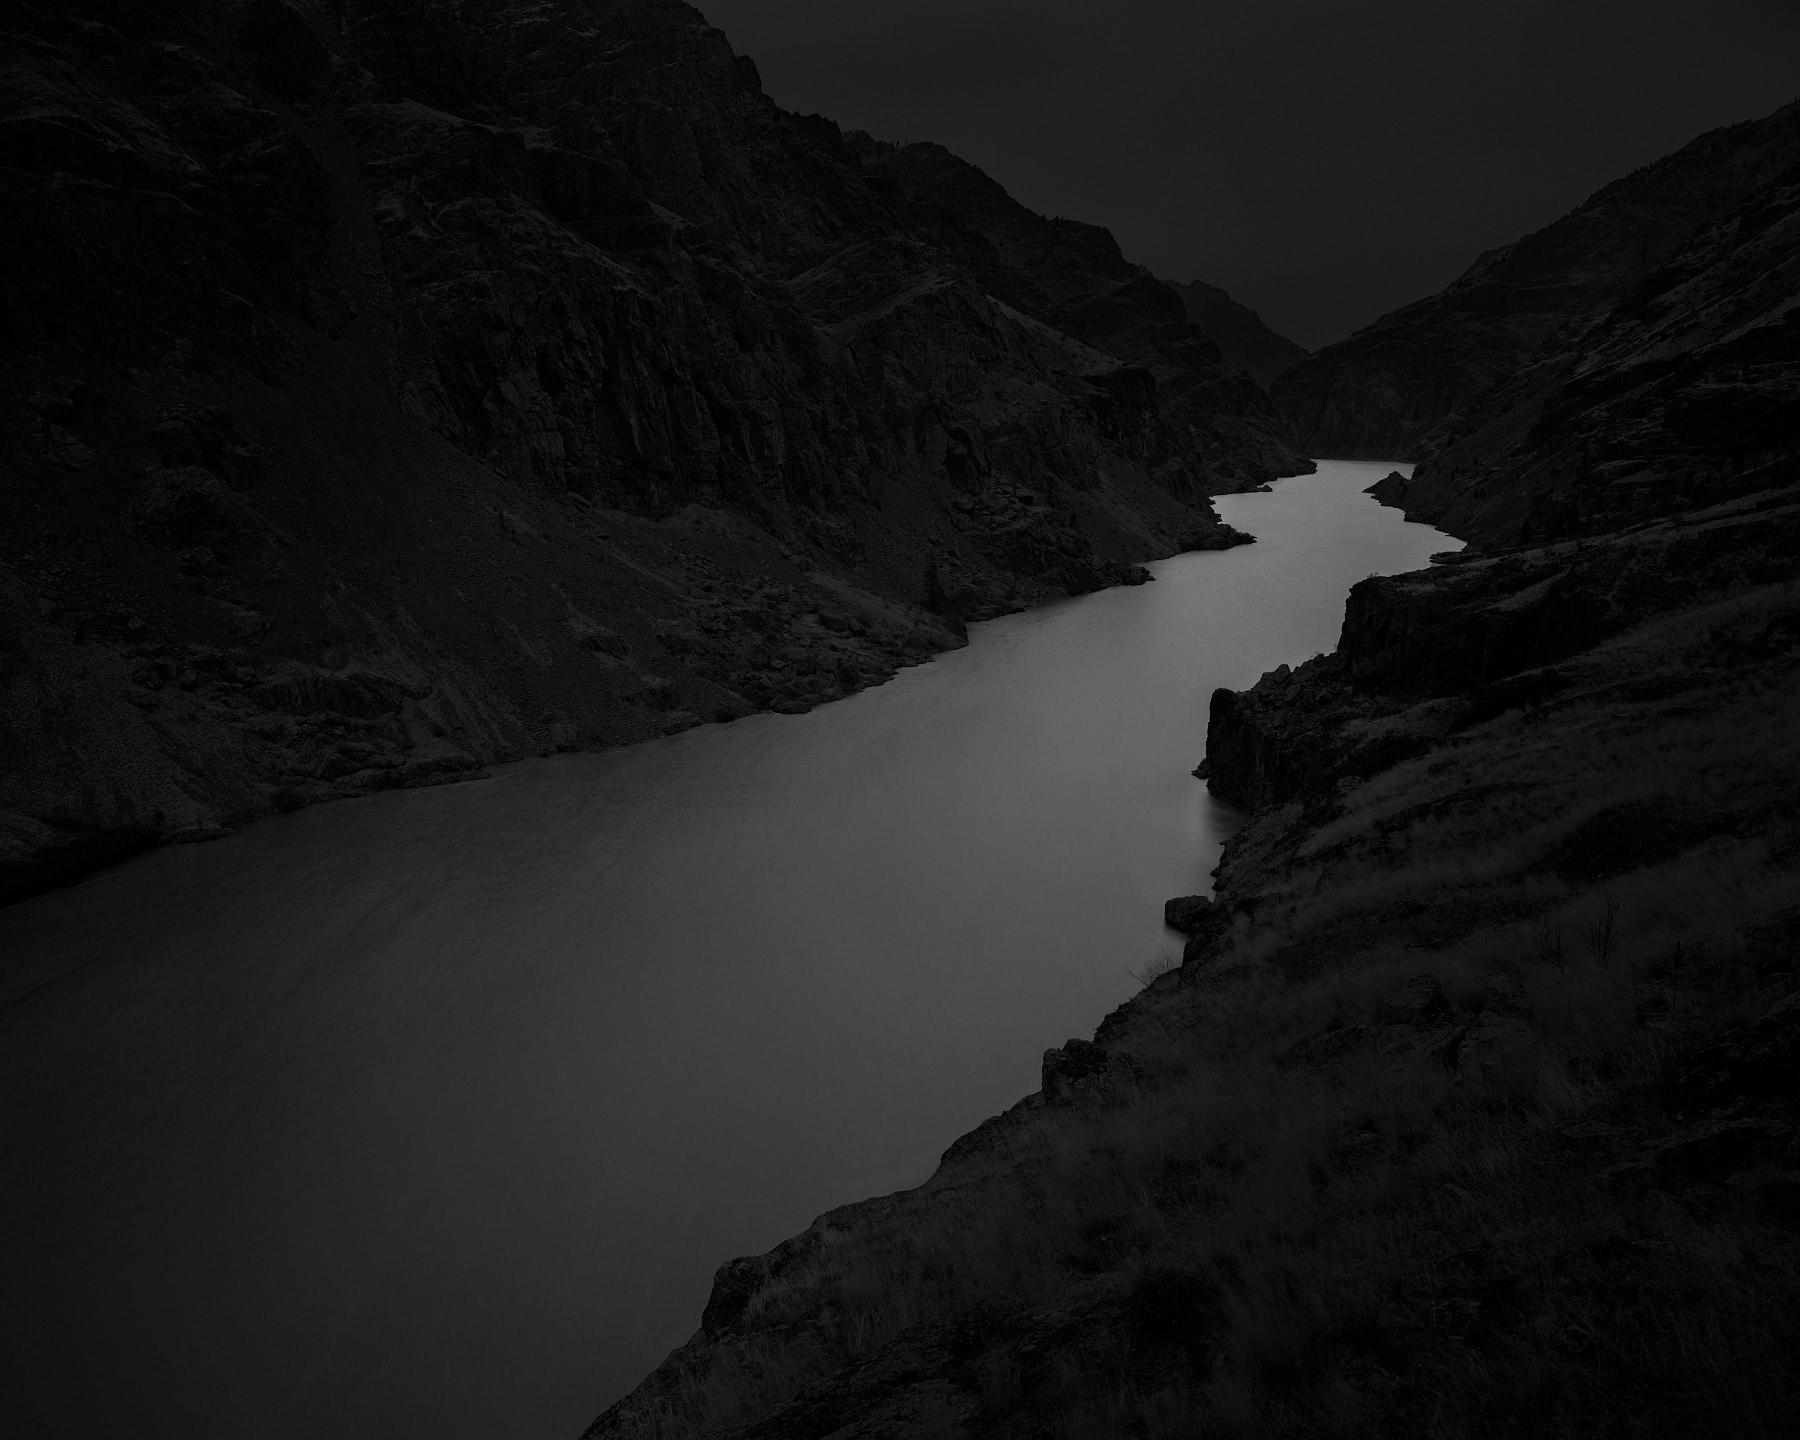 River VI, 2014 © Adam Katseff